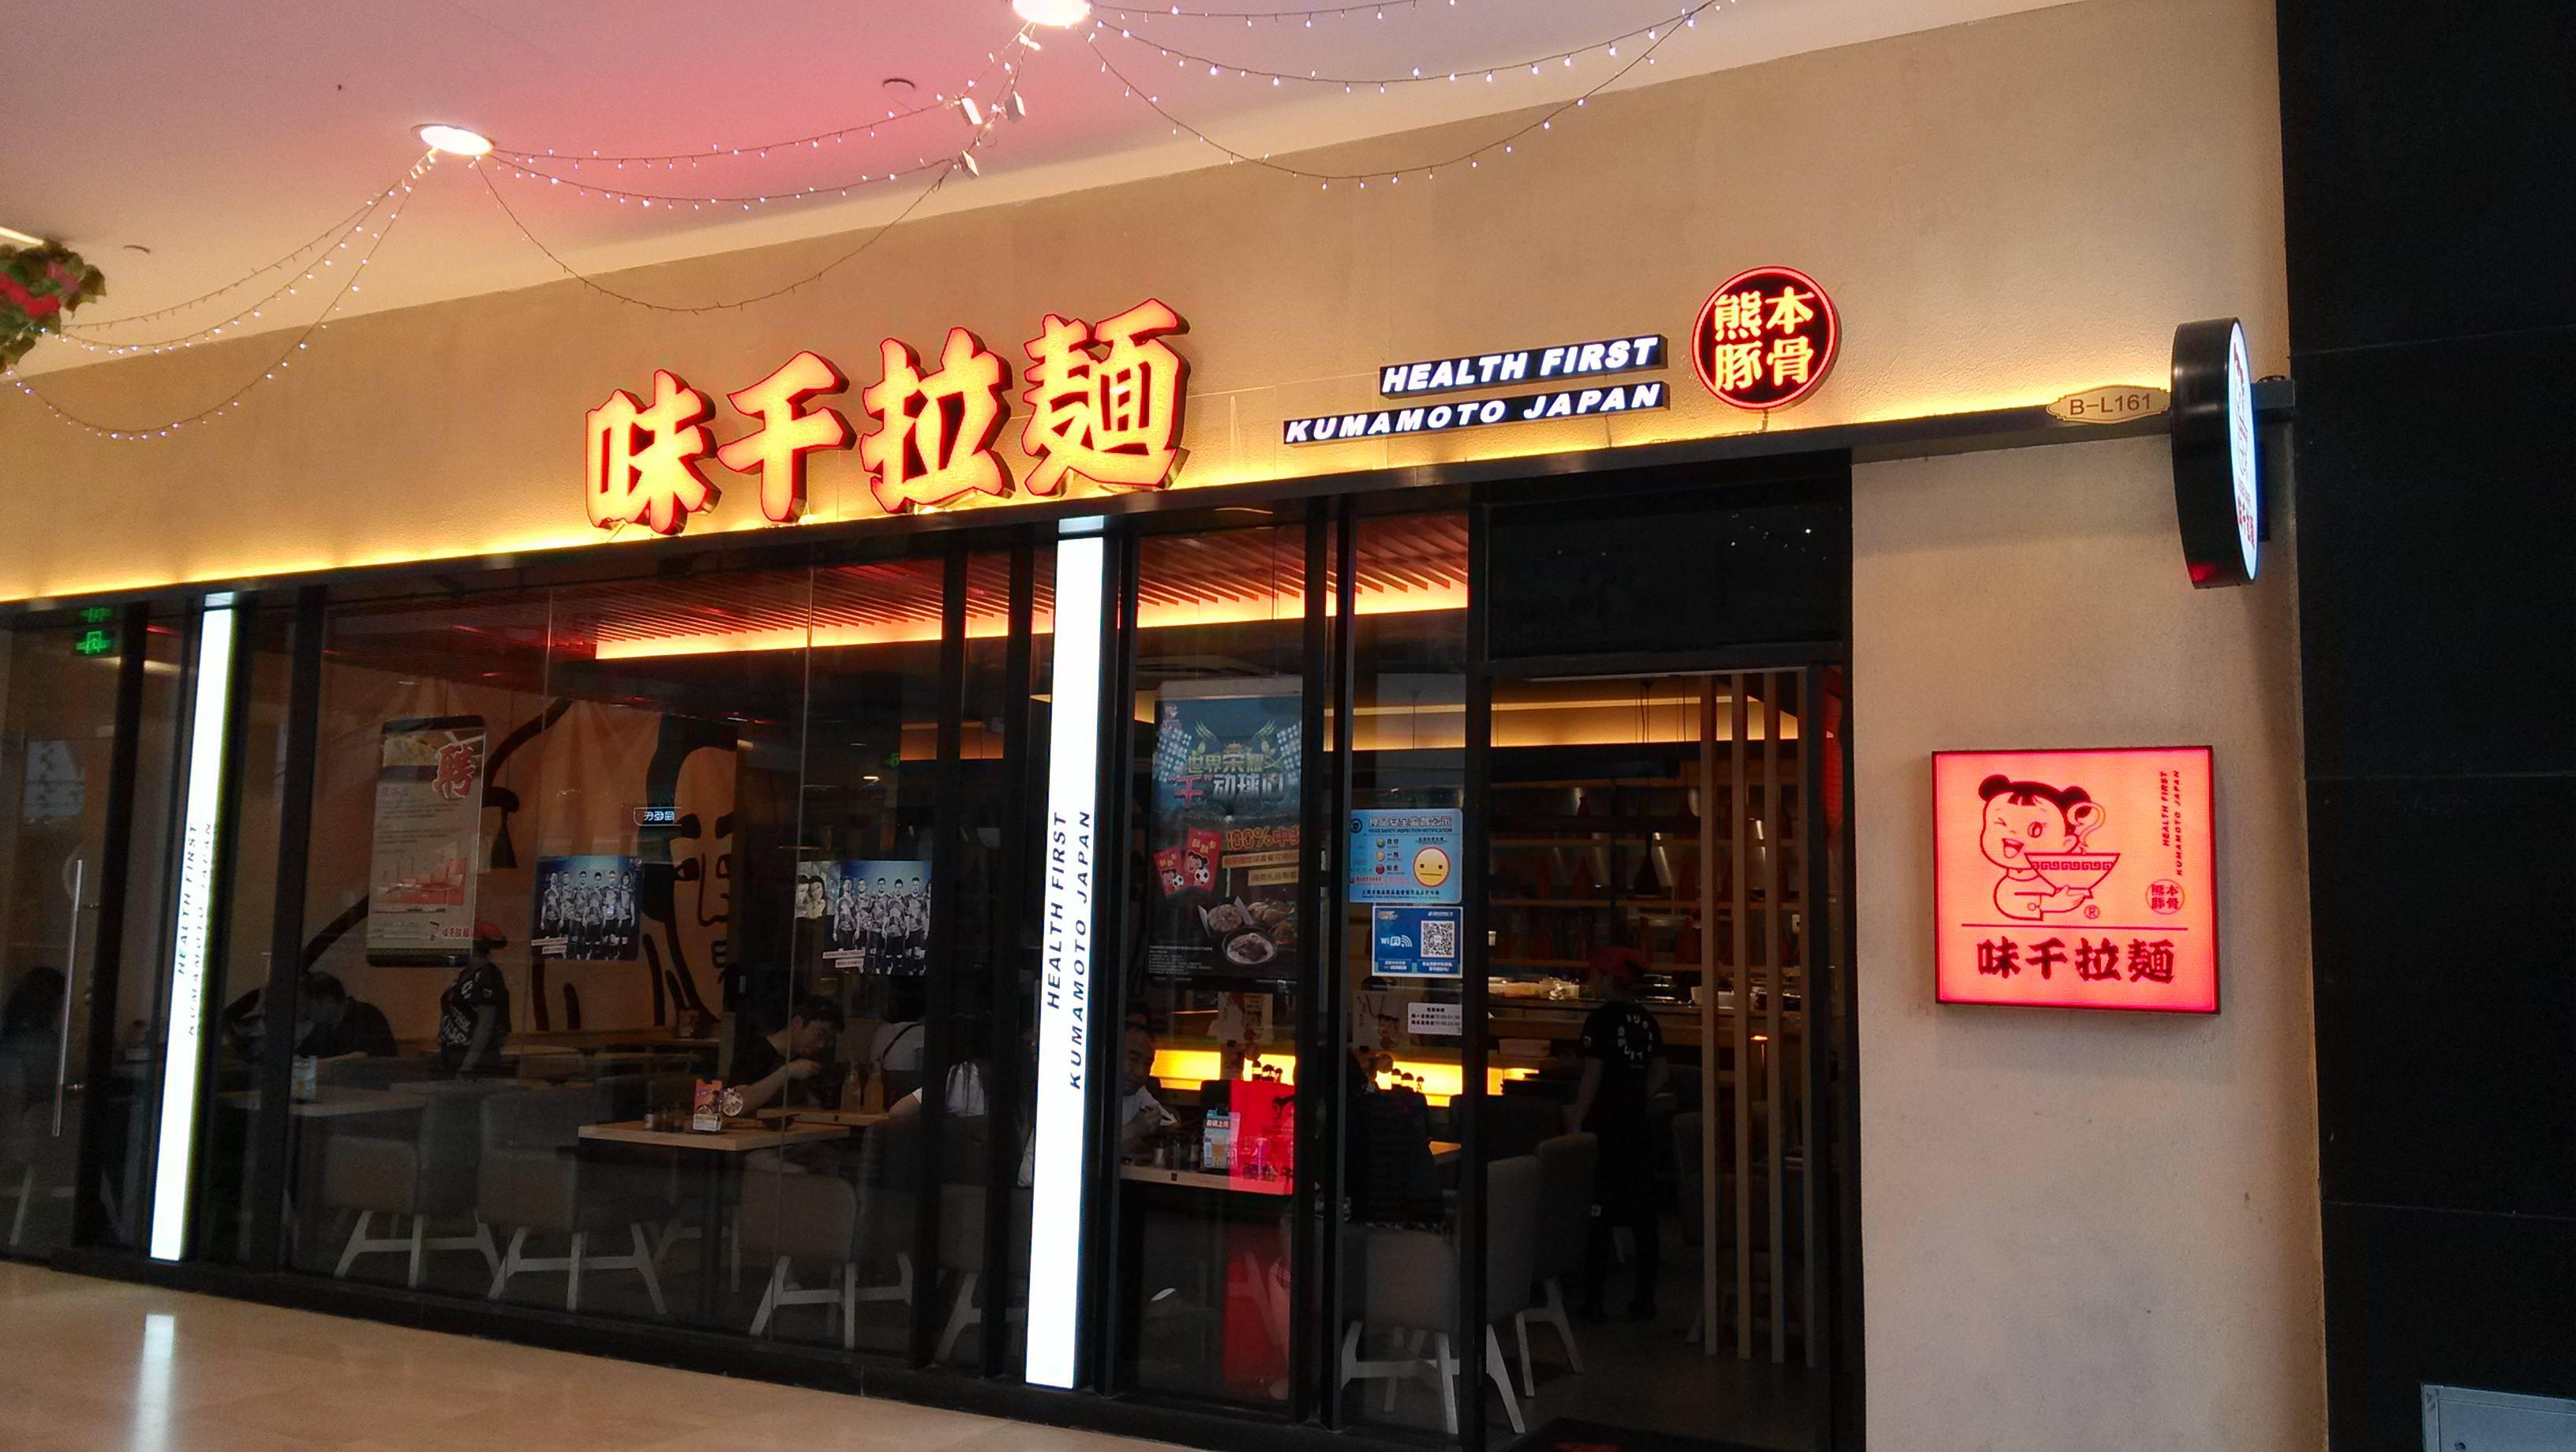 日式拉面店加盟